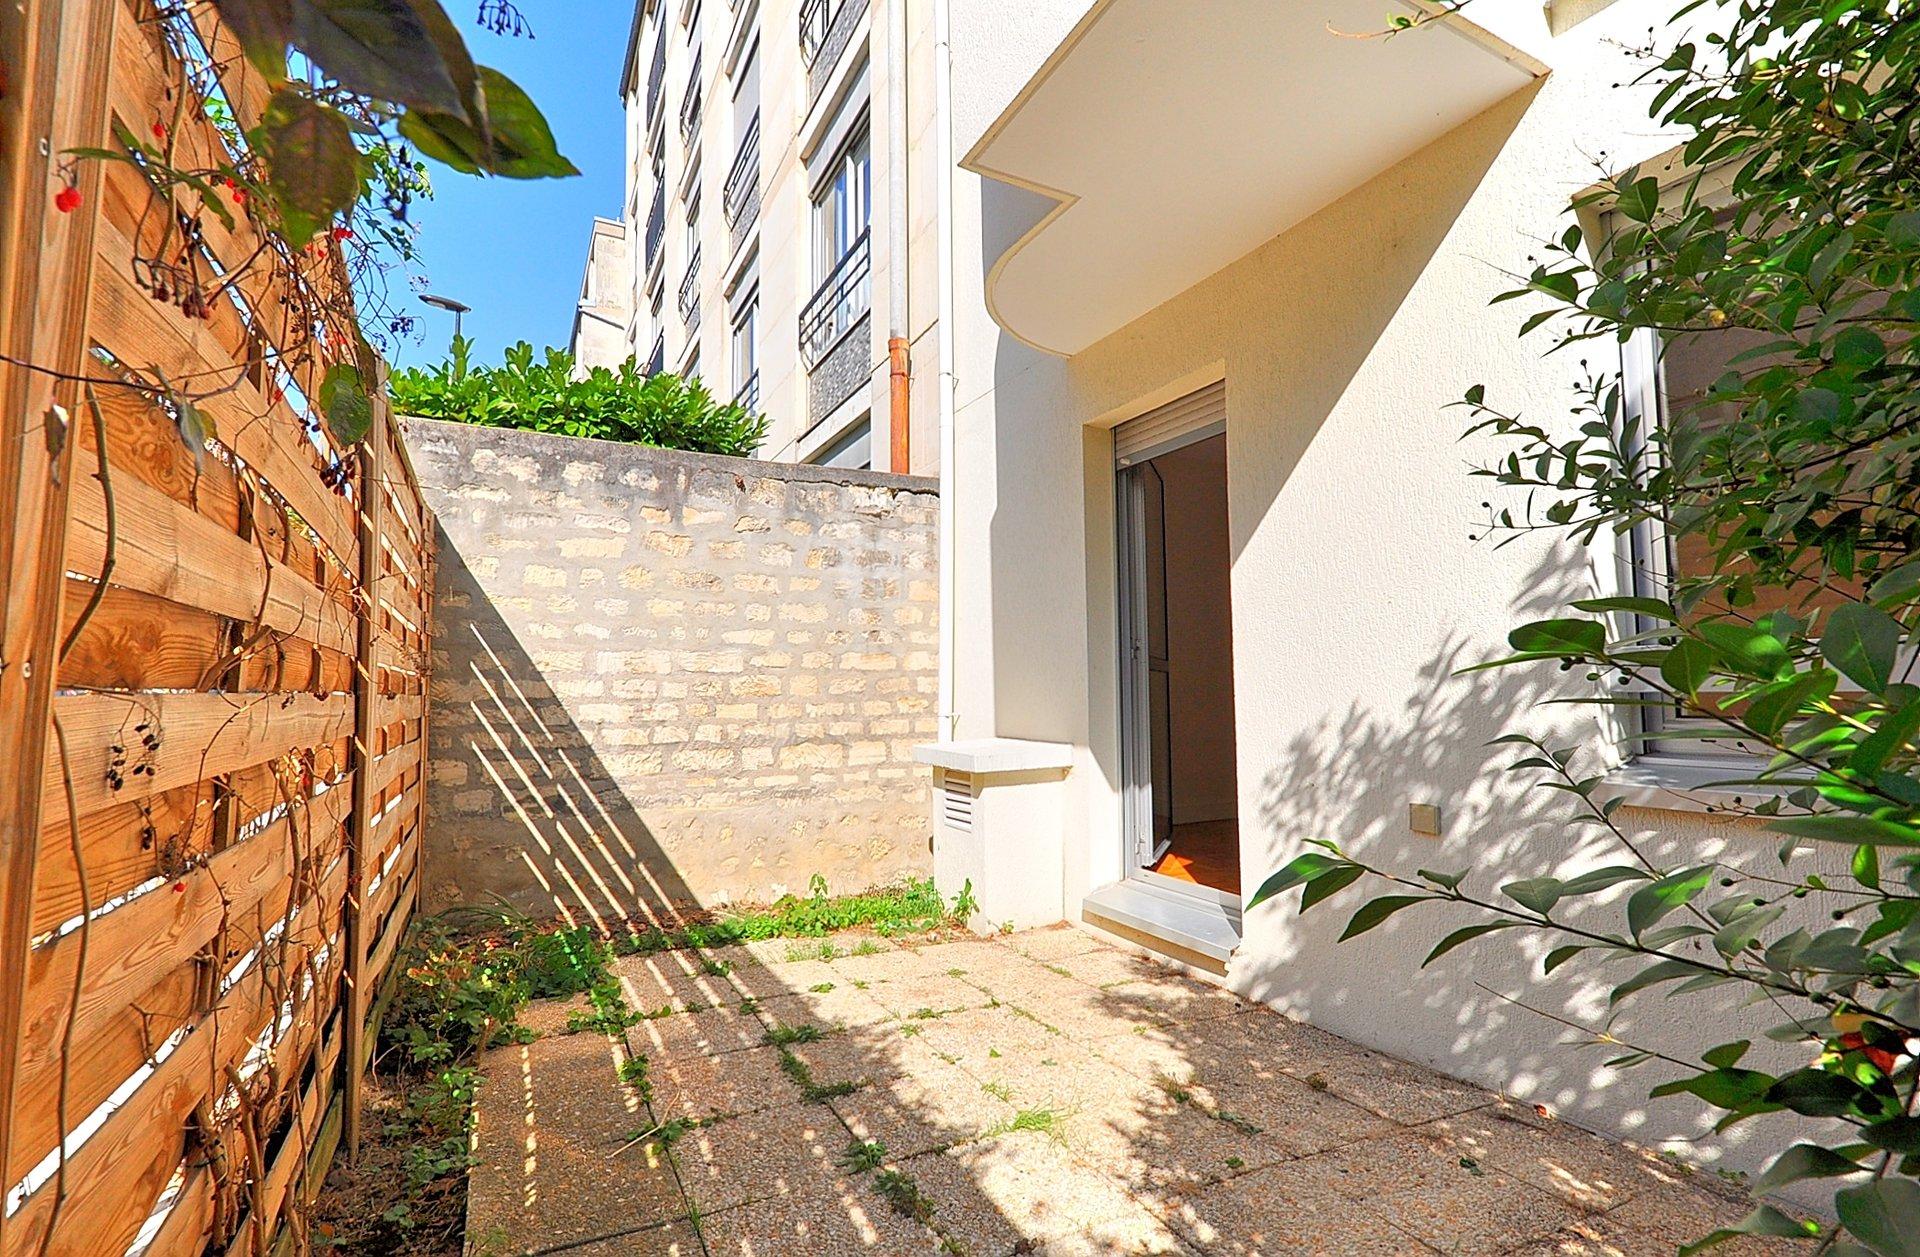 Les Passages - 2 pièces avec jardin privatif